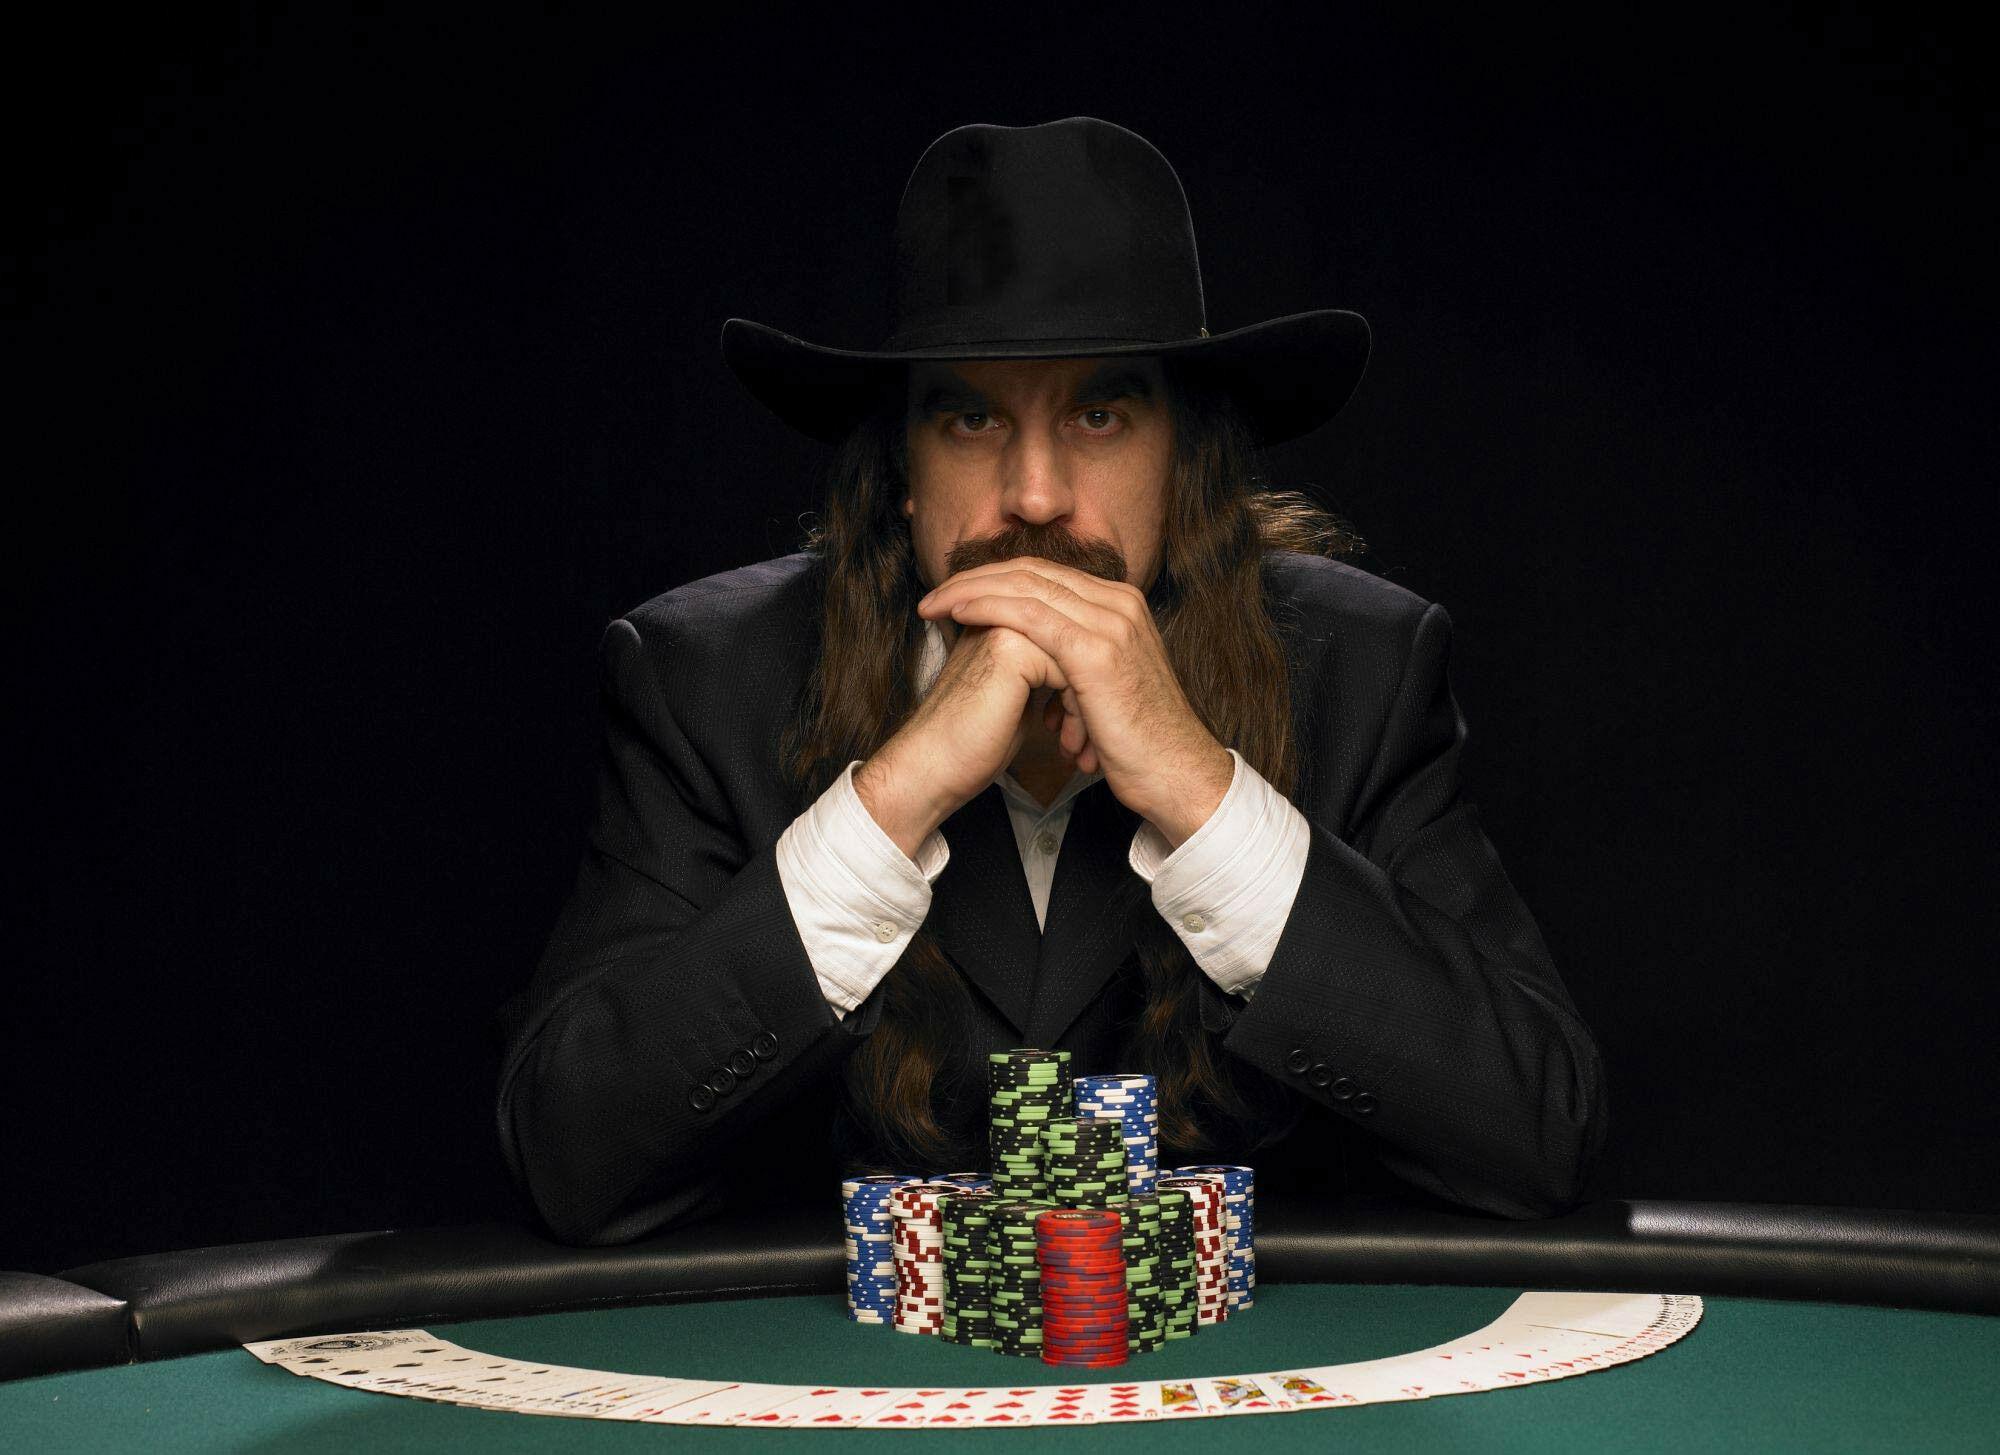 Pemain Yang Mendapatkan Jutaan Dollar Dari Bermain Poker 5